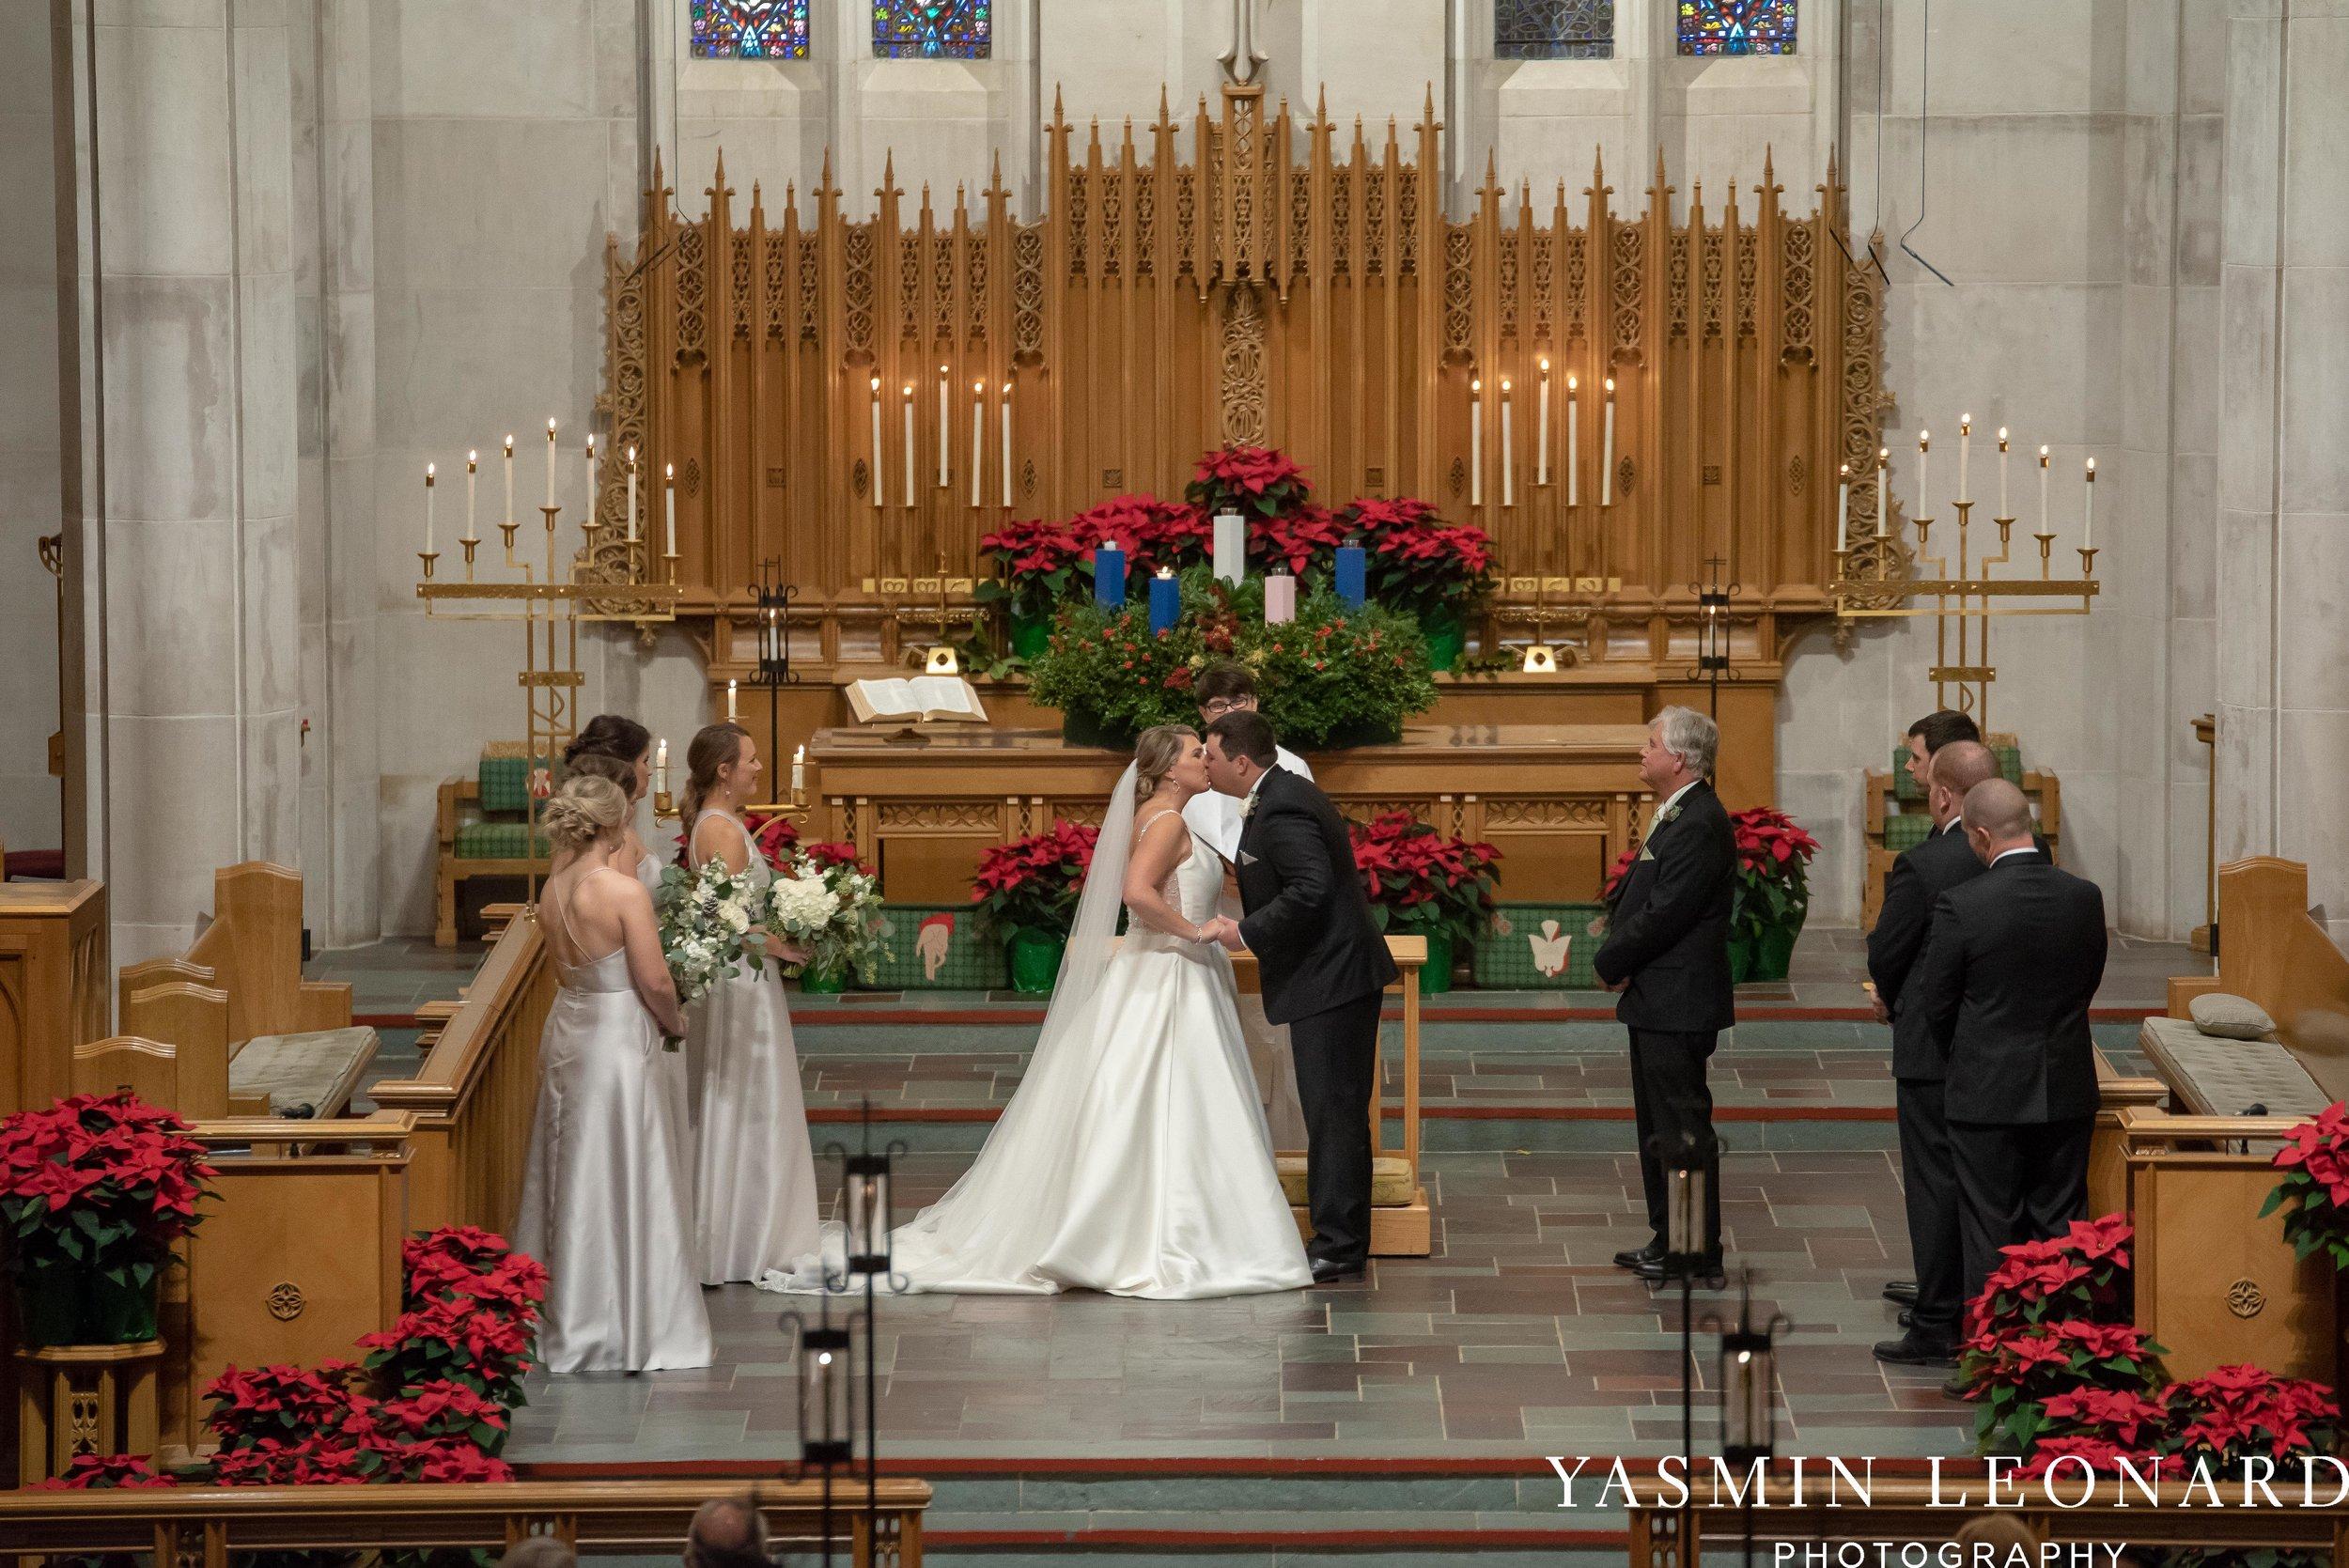 Adaumont Farm - Wesley Memorial Weddings - High Point Weddings - Just Priceless - NC Wedding Photographer - Yasmin Leonard Photography - High Point Wedding Vendors-36.jpg